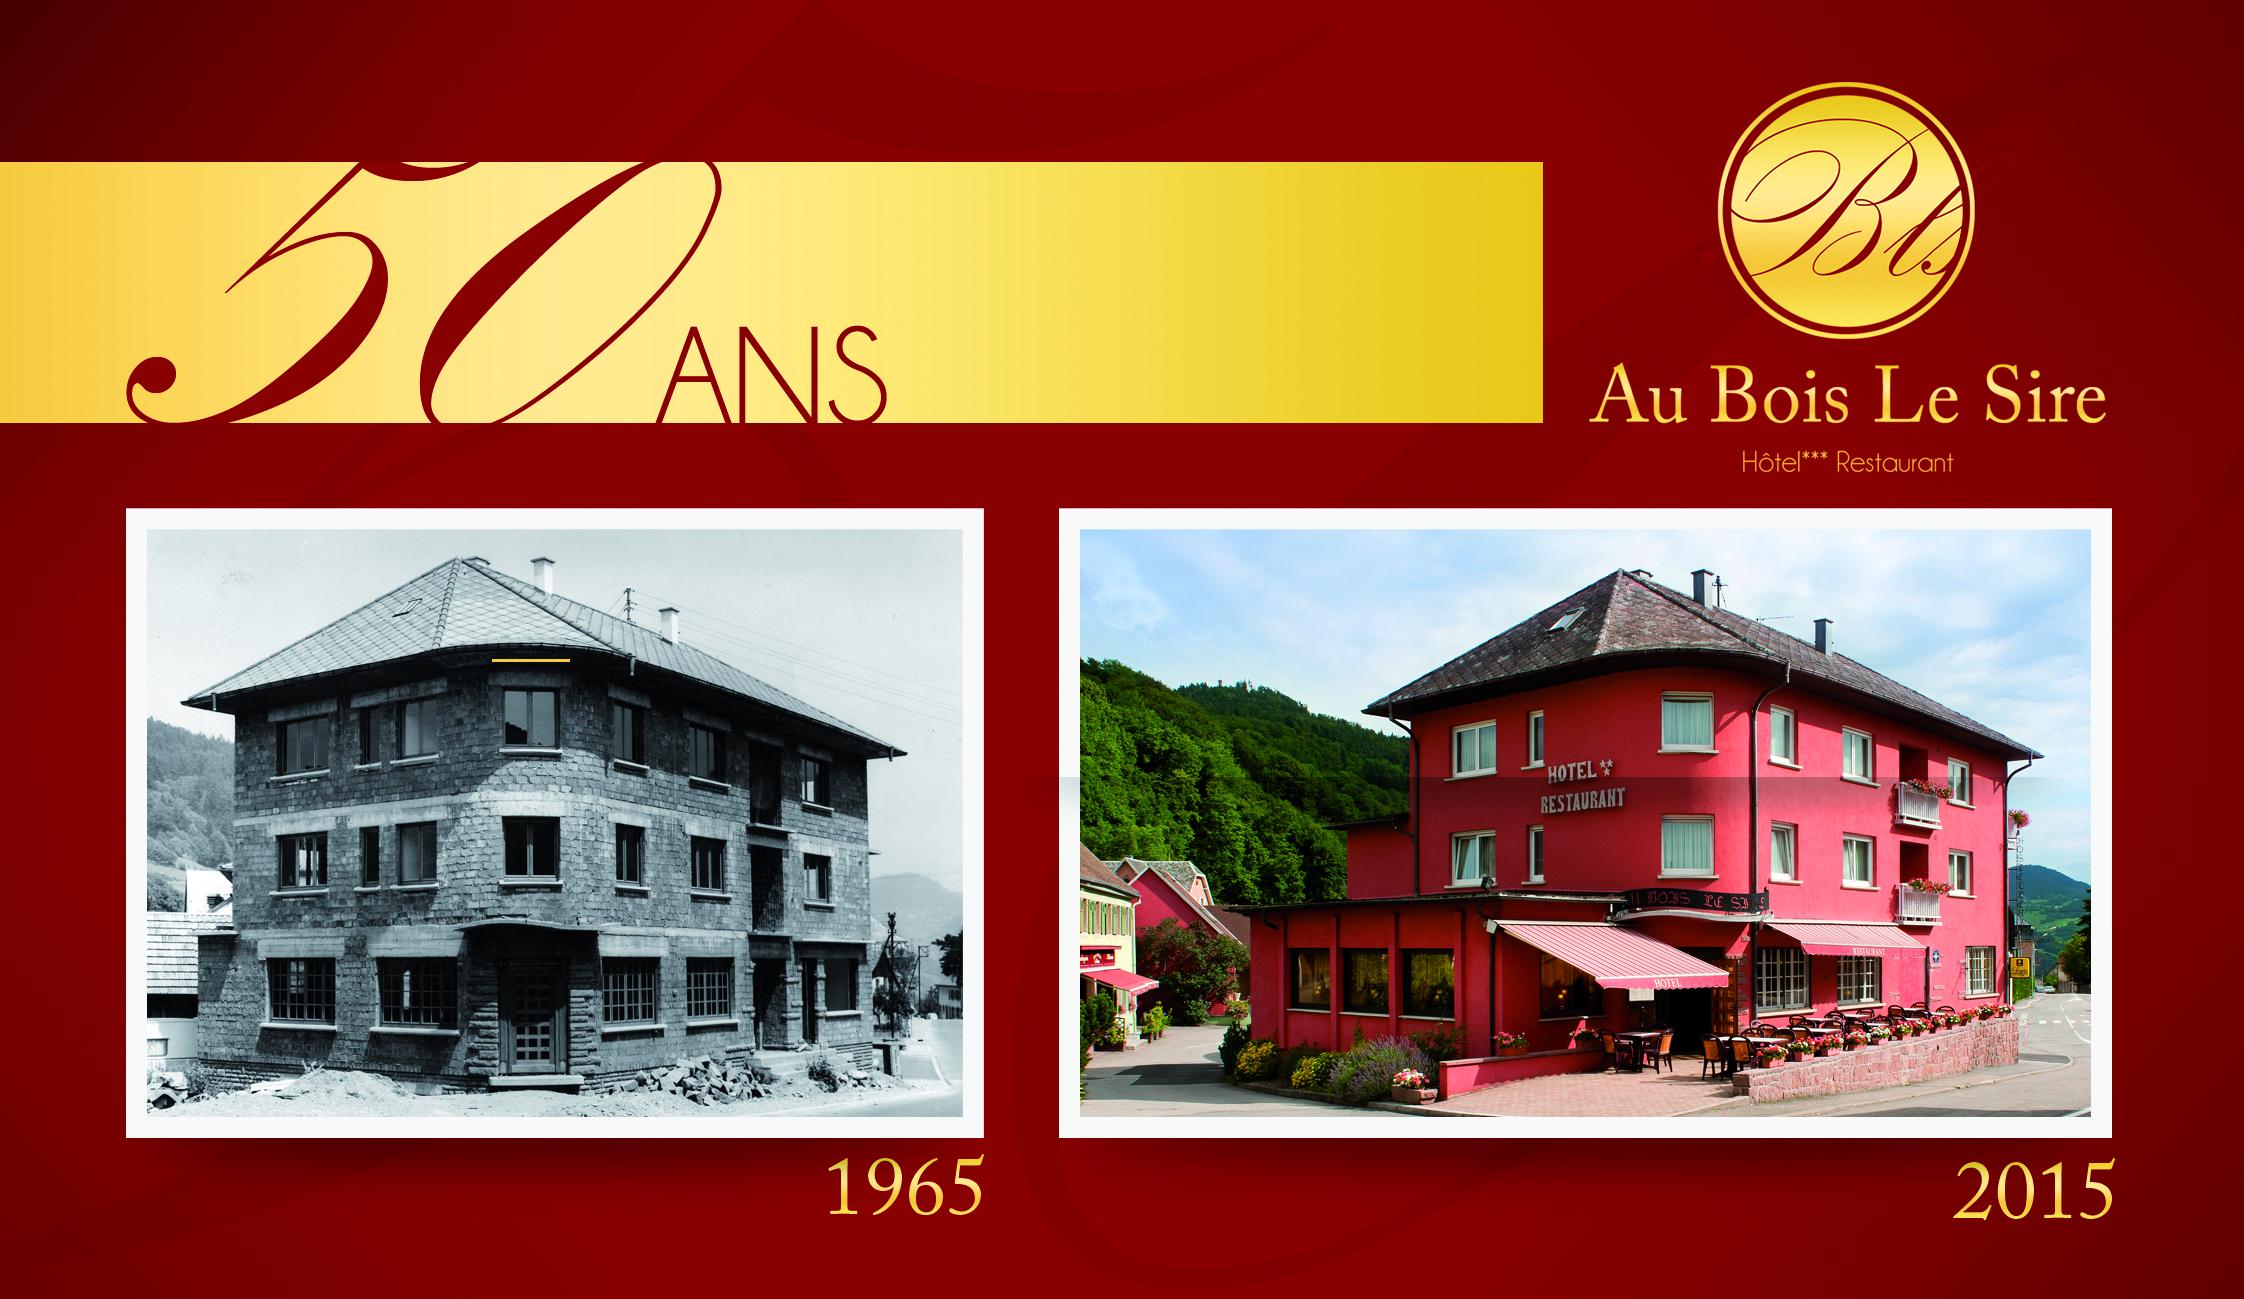 Hotel Bois Le Sire - L u2019établissement familial Au Bois le Sire f u00eate ses 50 ans ! Chefs d'Alsace